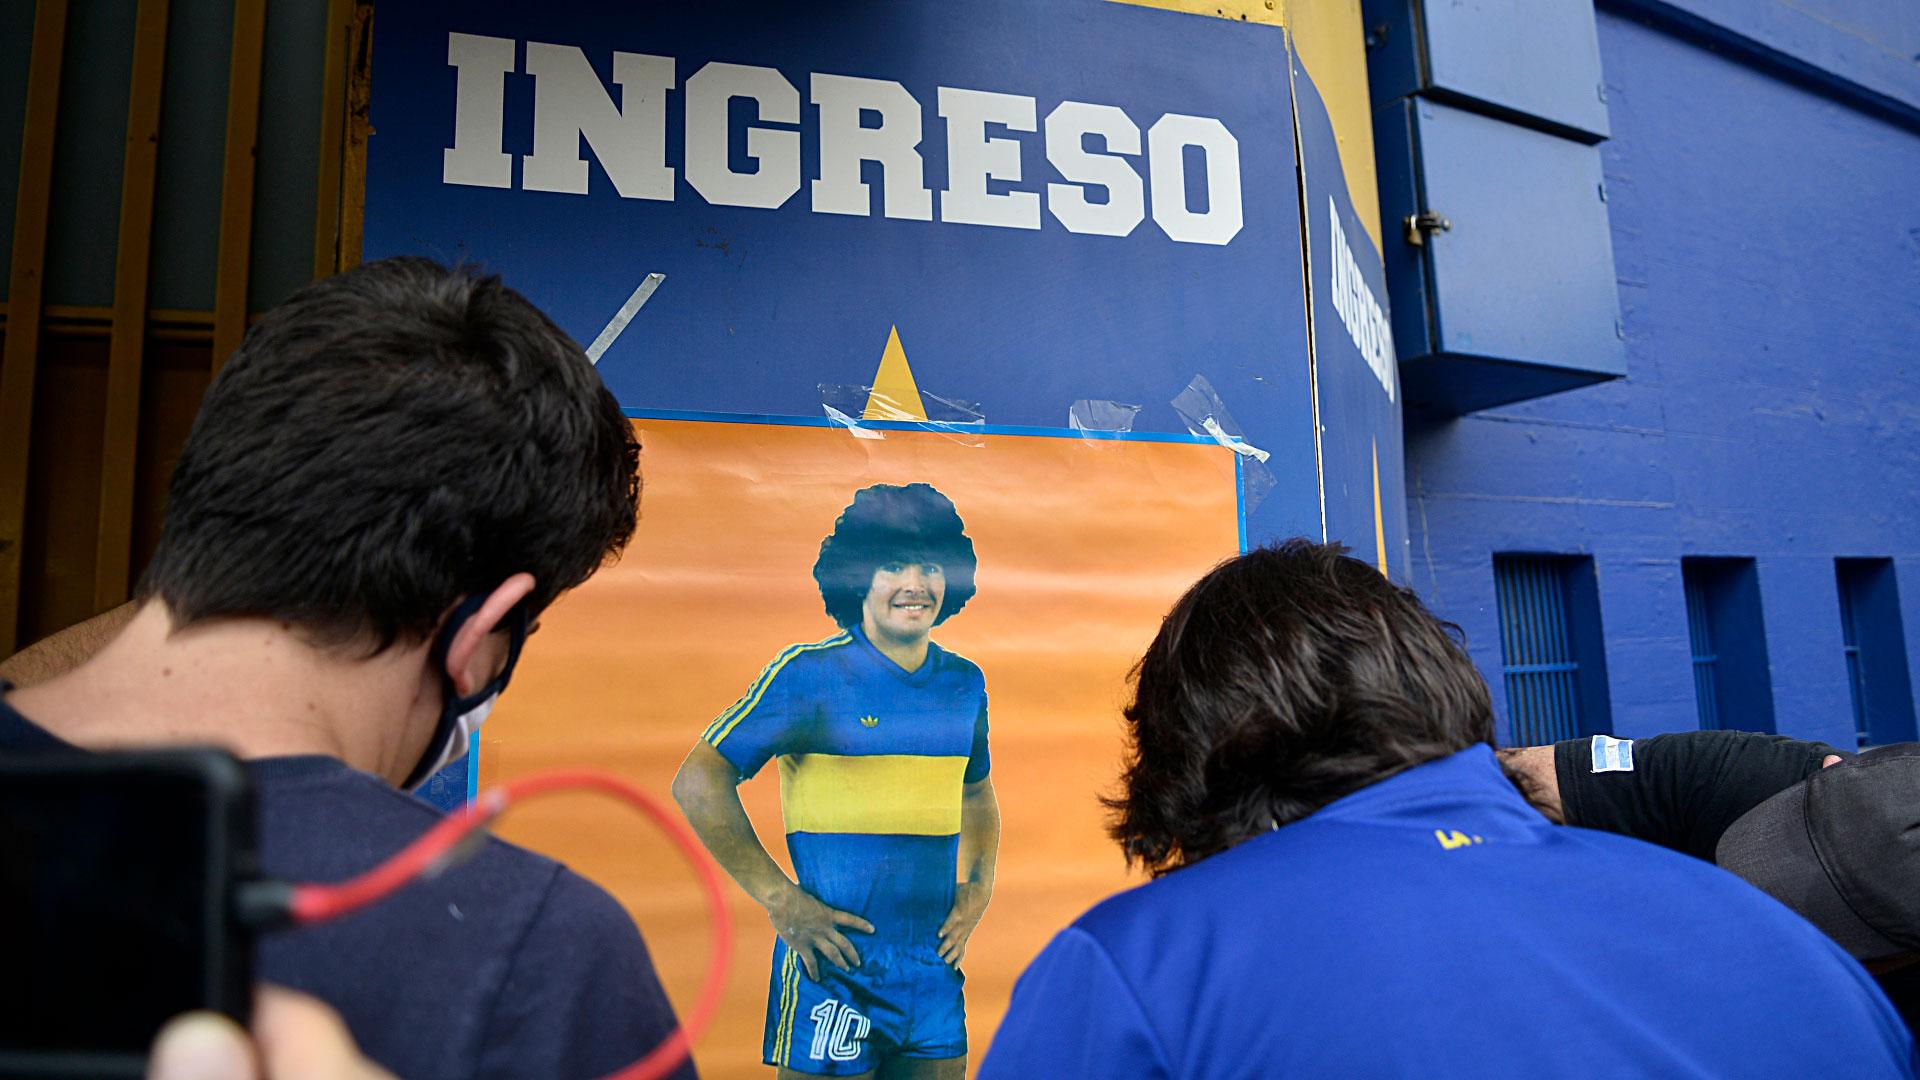 El rezo en la Bombonera, con la imagen de Maradona (Gustavo Gavotti)